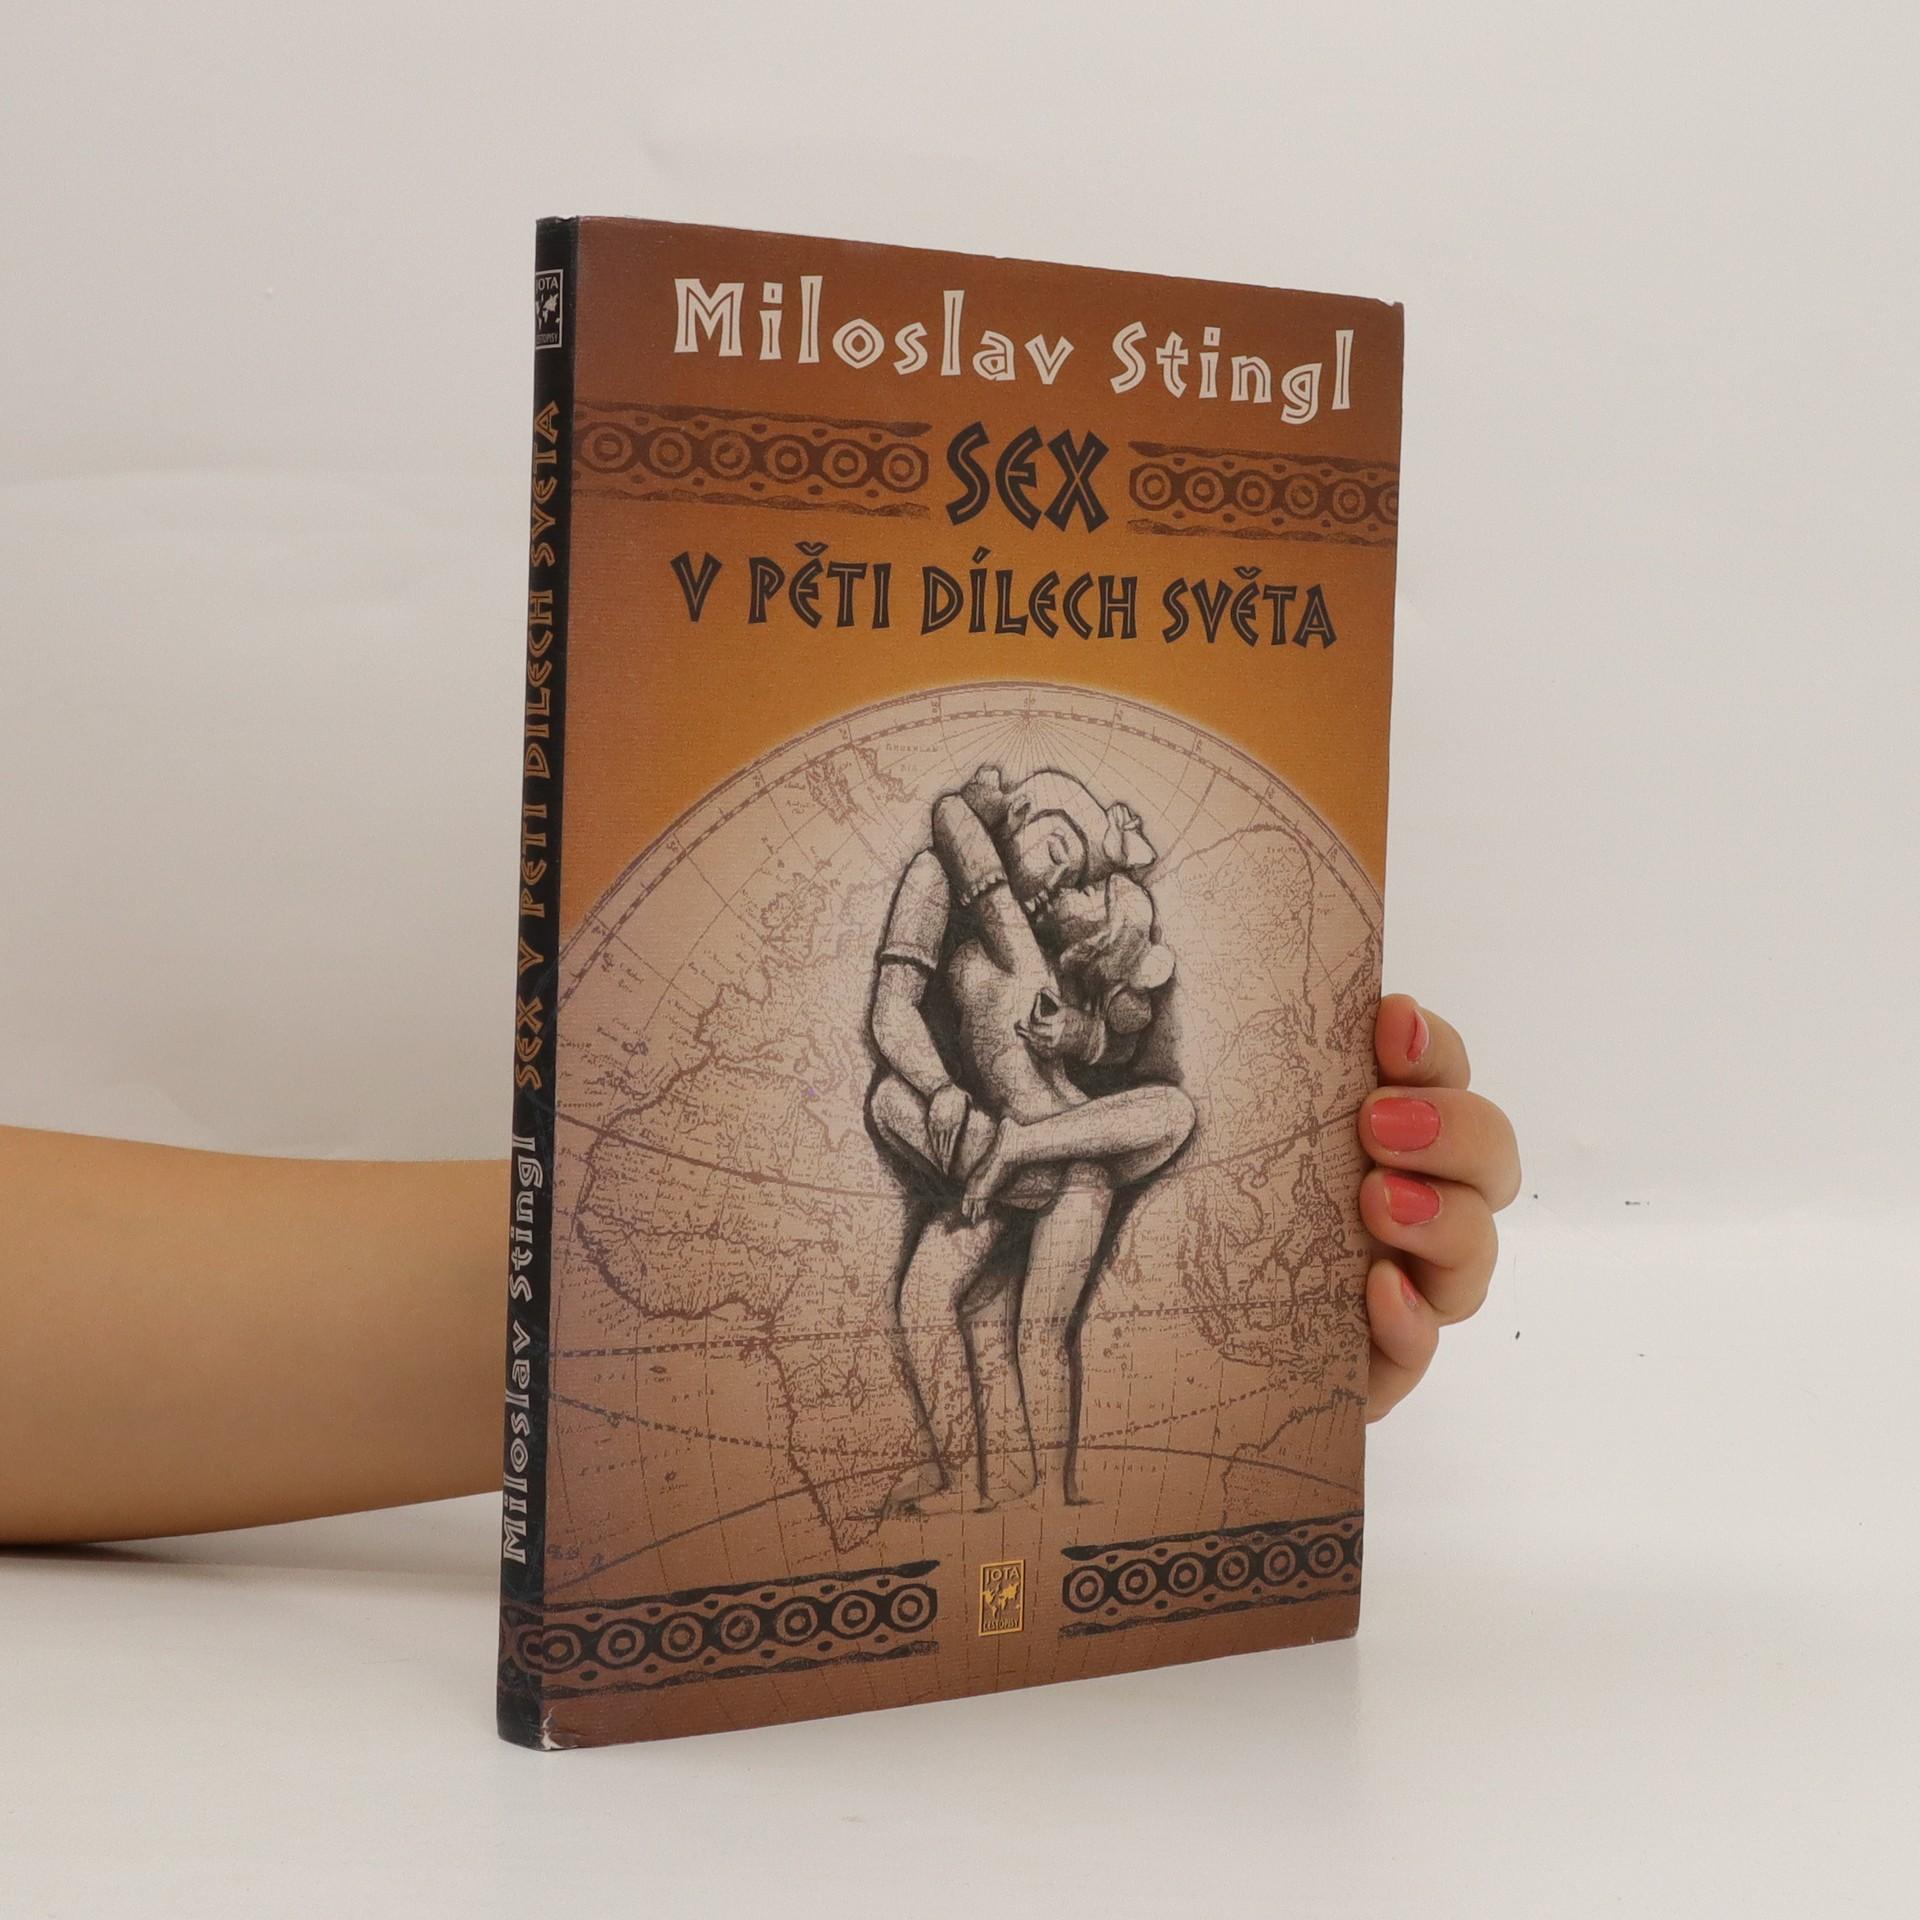 antikvární kniha Sex v pěti dílech světa aneb cestopis časem a prostorem tělesné lásky, 2010